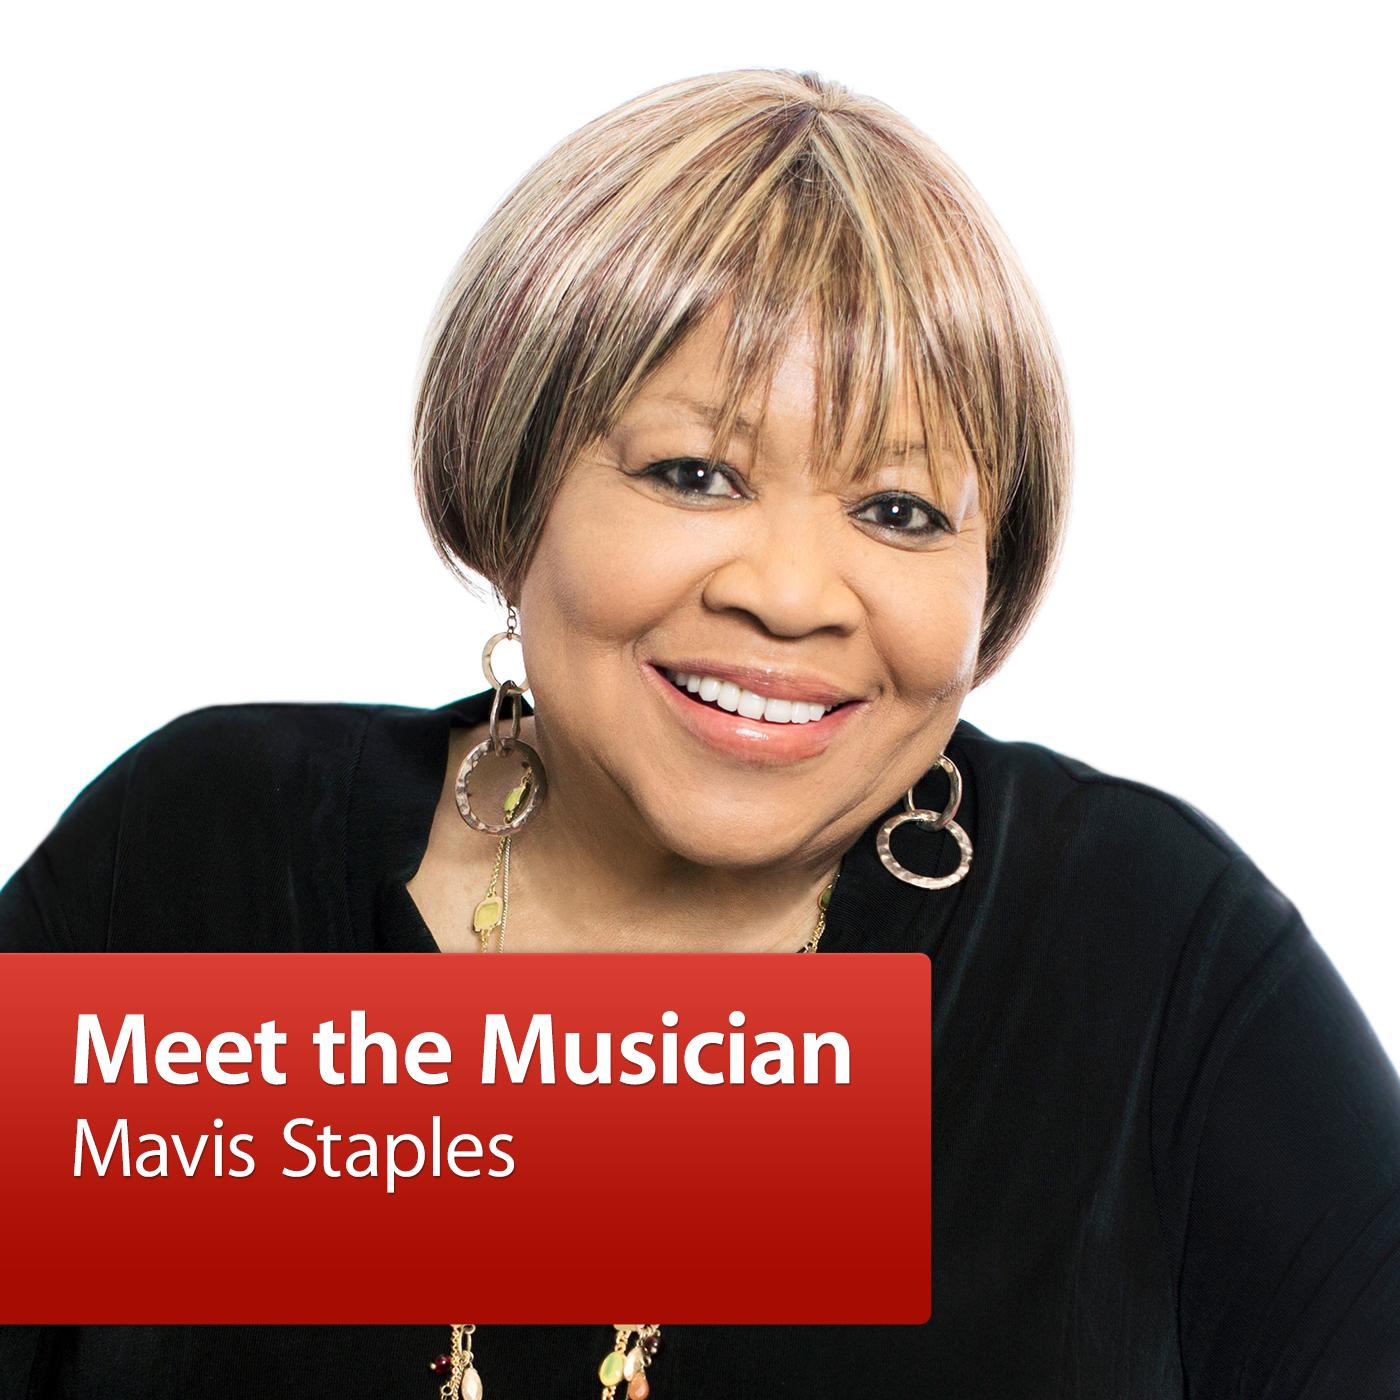 Mavis Staples: Meet the Musician